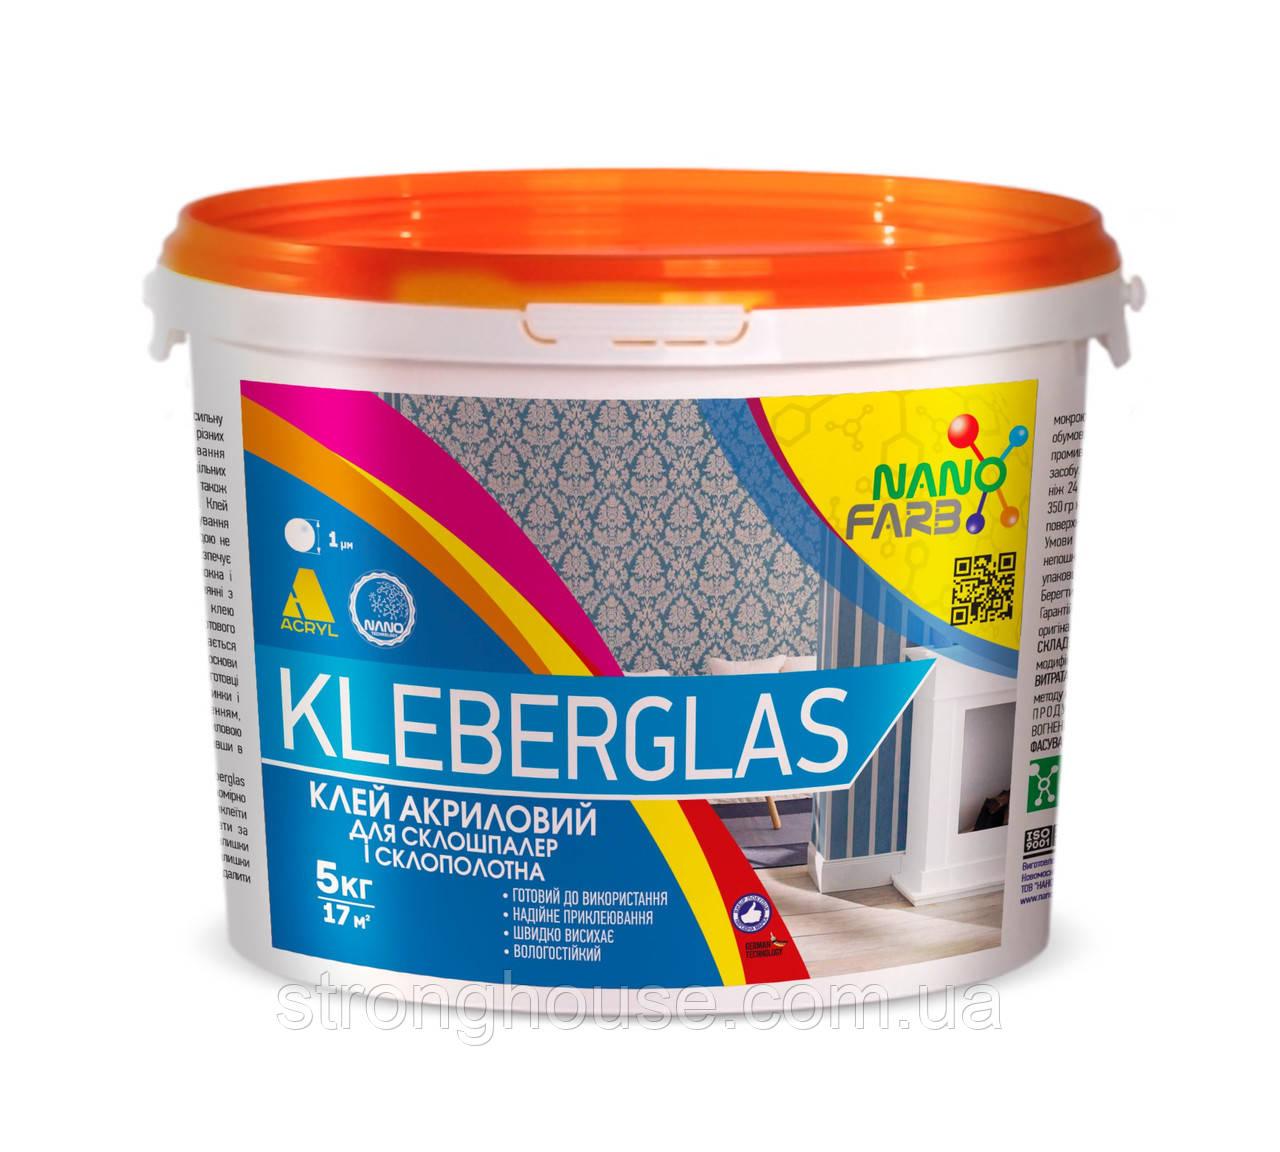 Клей для стеклообоев и стеклохолста Kleberglas Nano farb 5.0 кг